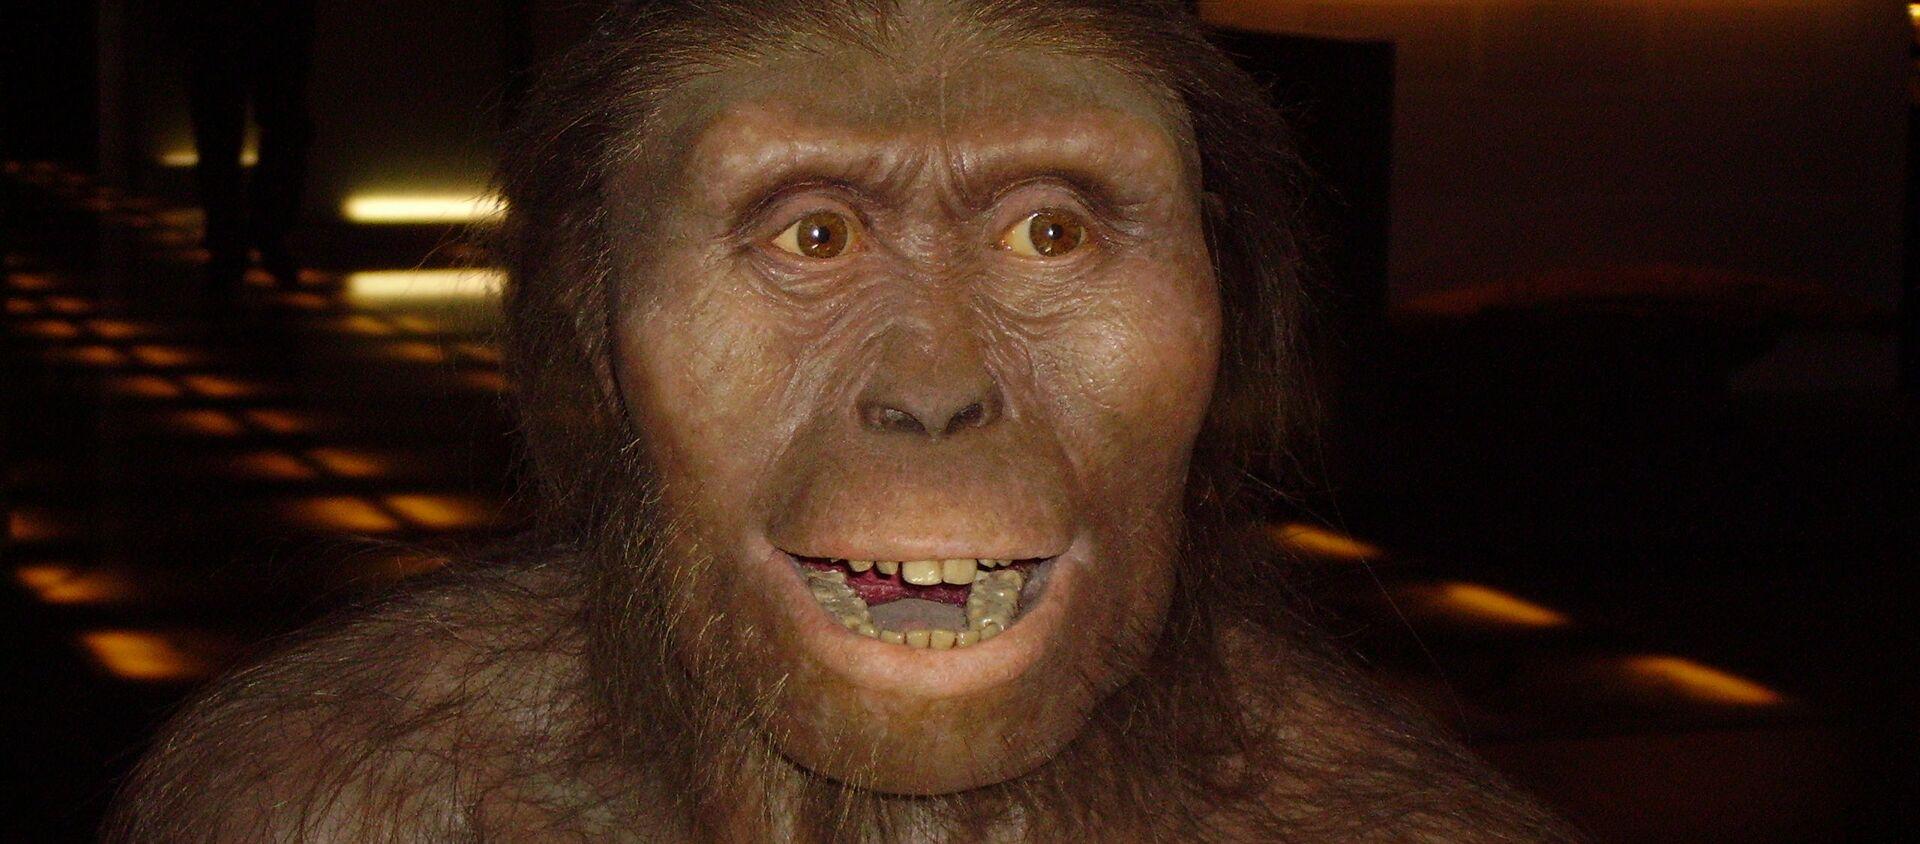 Un hombre prehistórico, imagen referencial - Sputnik Mundo, 1920, 01.04.2020